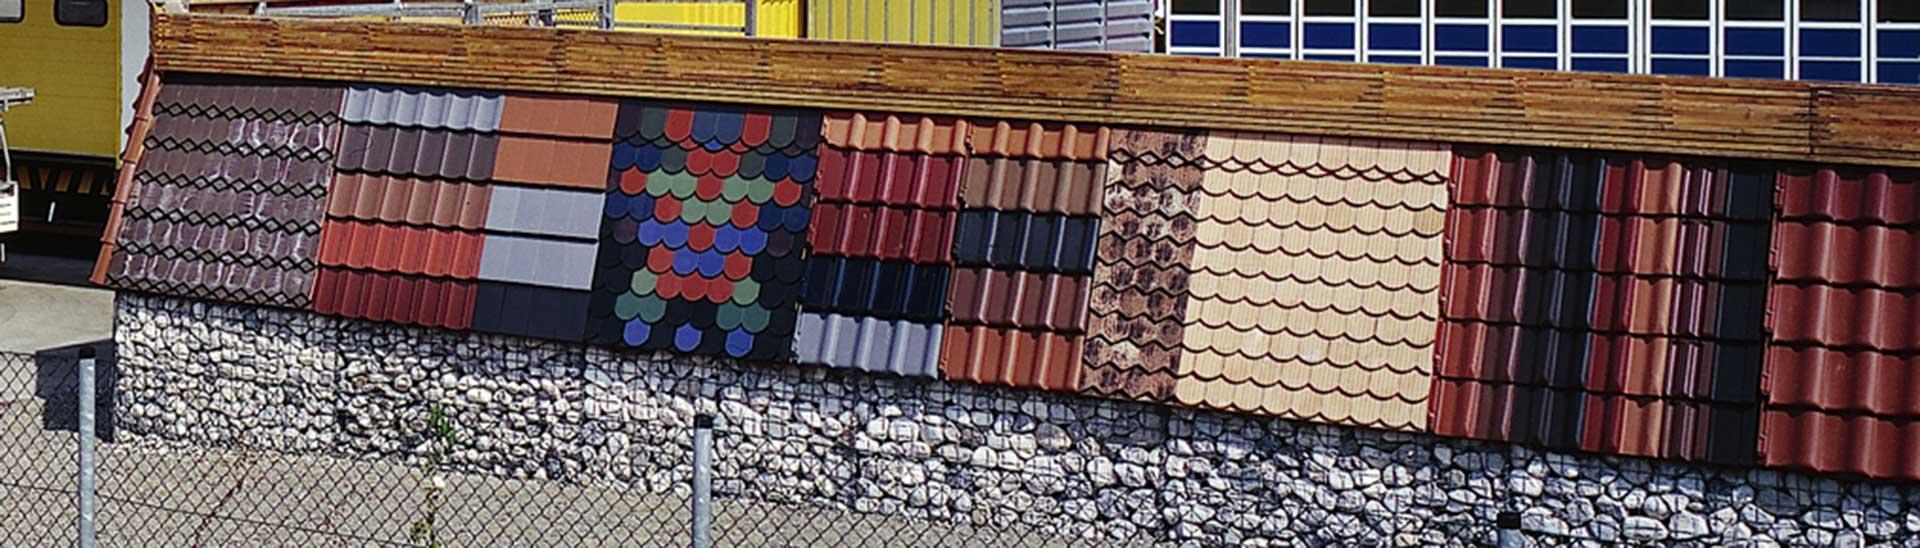 Baustoffe für Dach und Wand